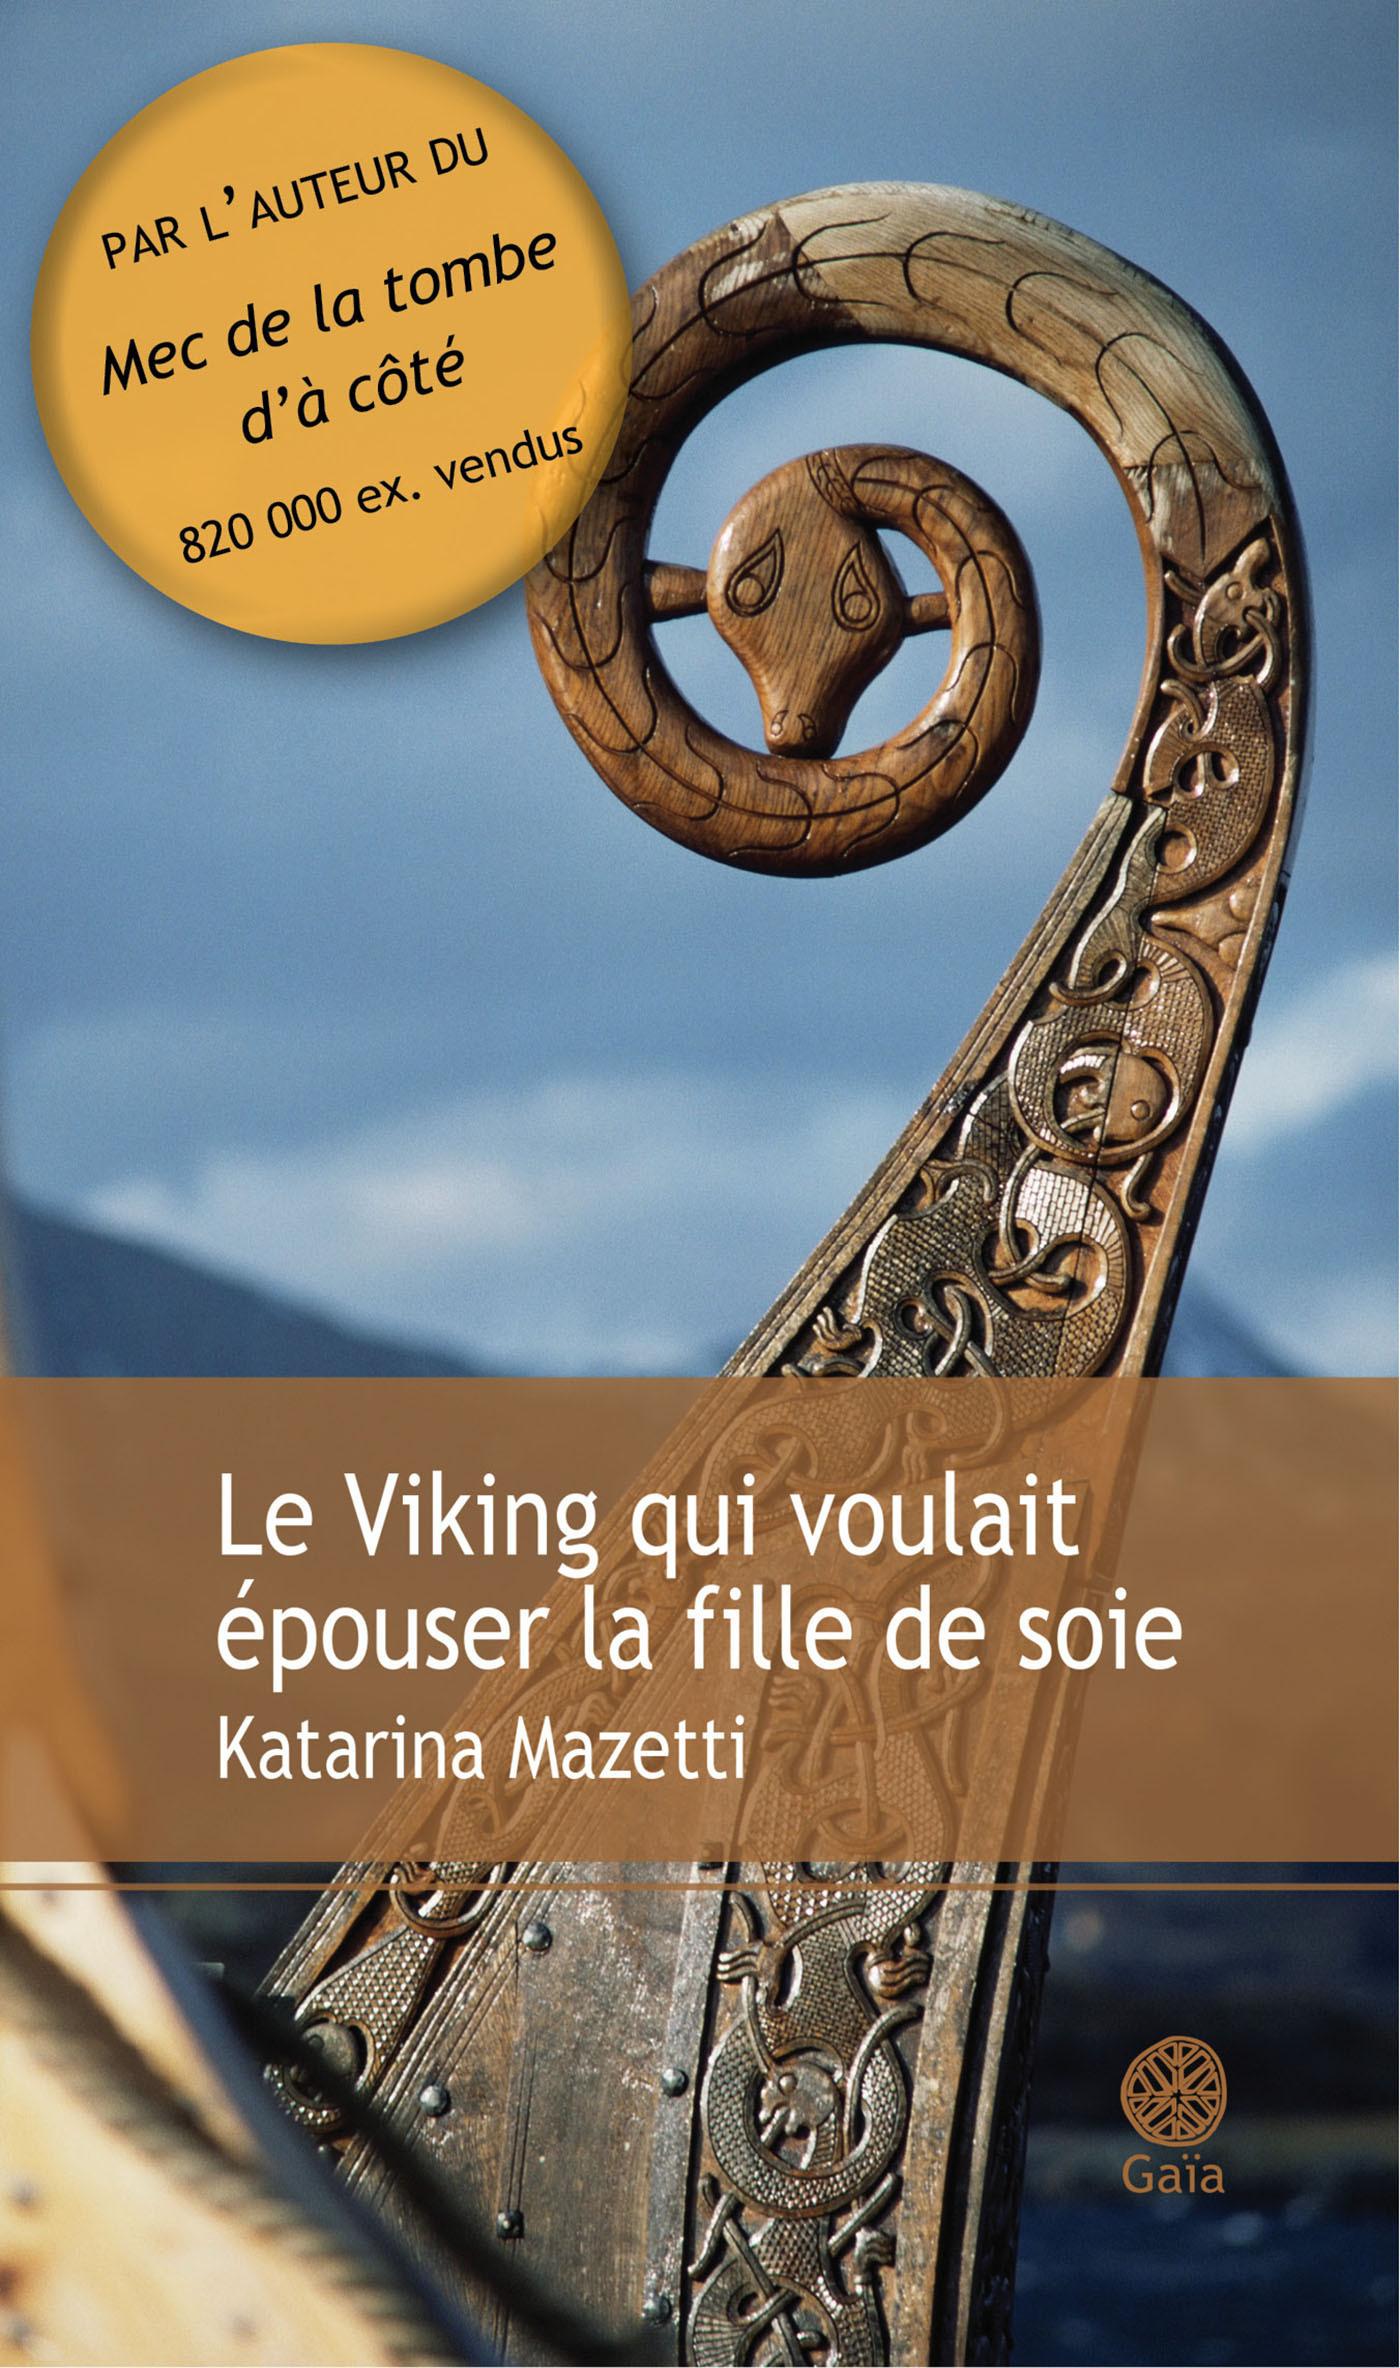 LE VIKING QUI VOULAIT EPOUSER LA FILLE DE SOIE - EXTRAIT